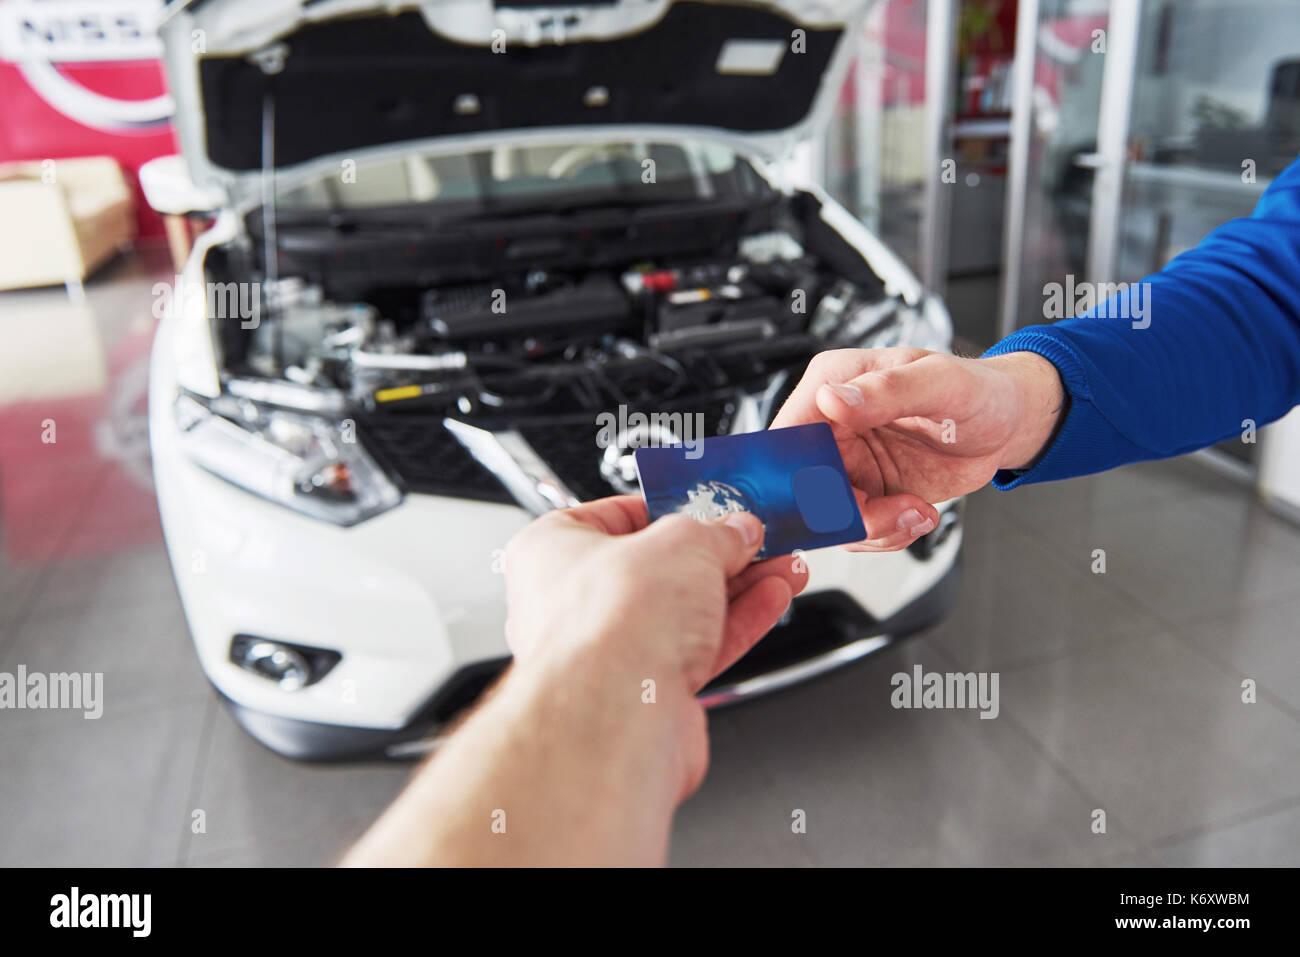 Diy car garage stock photos diy car garage stock images for Credit garage auto